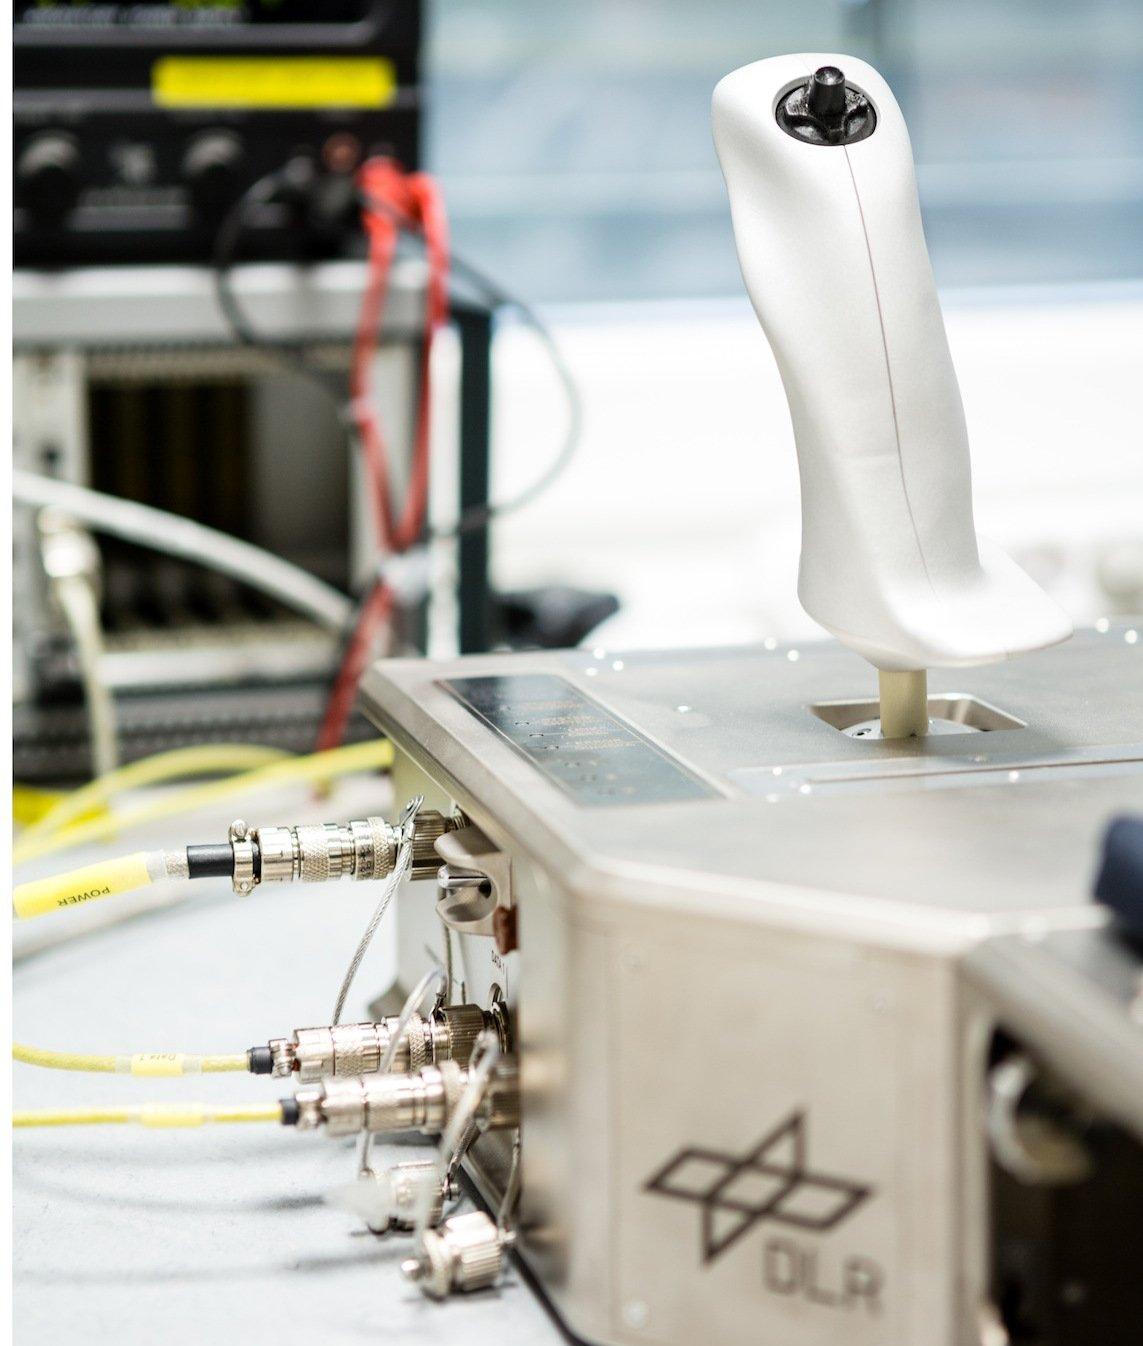 Mit dem Joystick Kontur-2 kann manden Roboterarm Roviss steuern, Dabei überträgt der Joystick auch Kontaktkräfte, die der Astronaut im Weltall ausübt und an den Roboterarm übertragen werden.